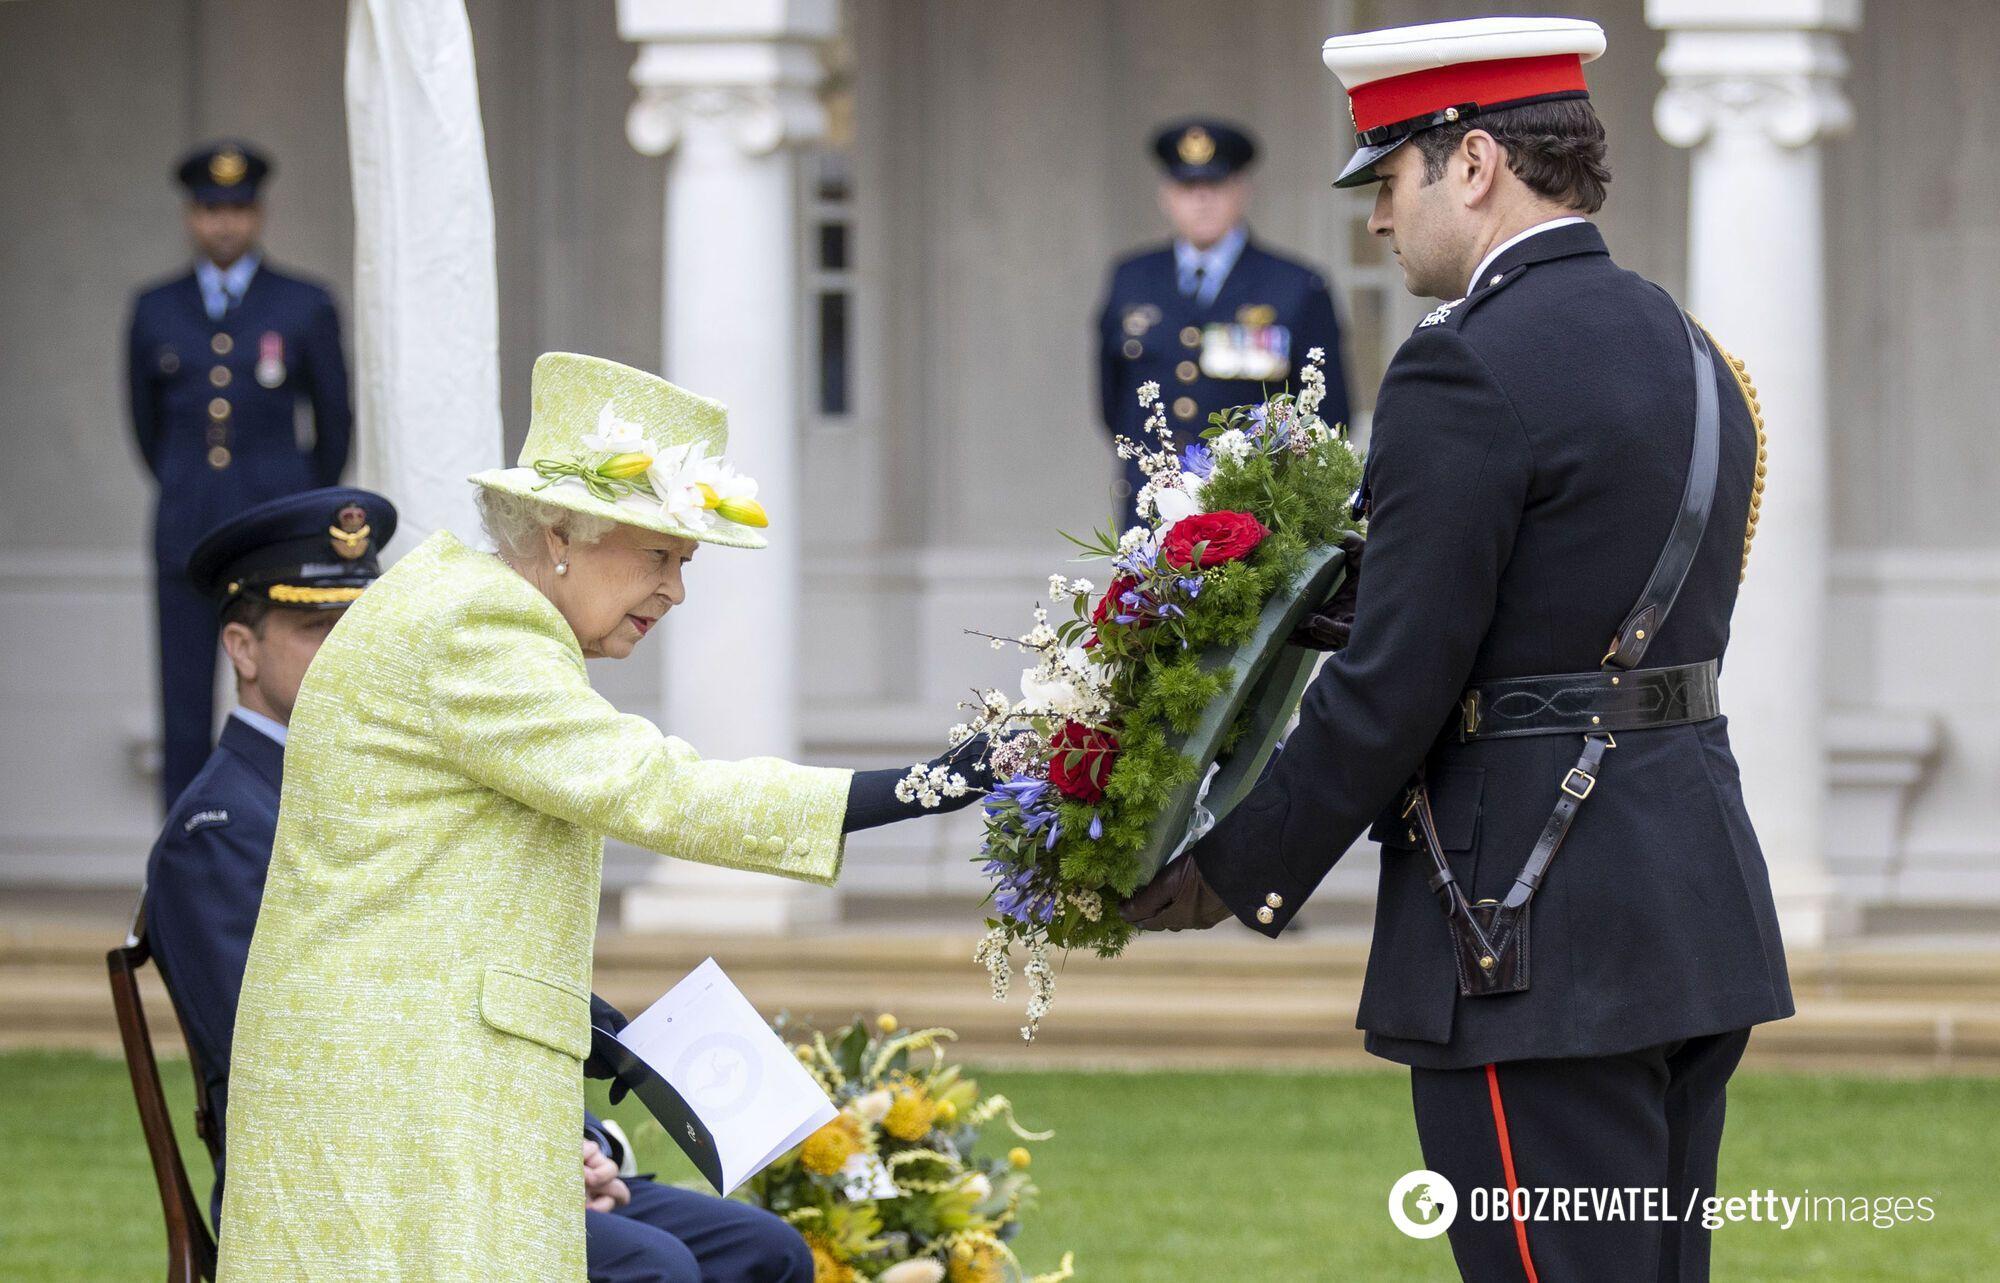 Єлизавета II вибрала зелене пальто і капелюшок у тон для виходу у світ